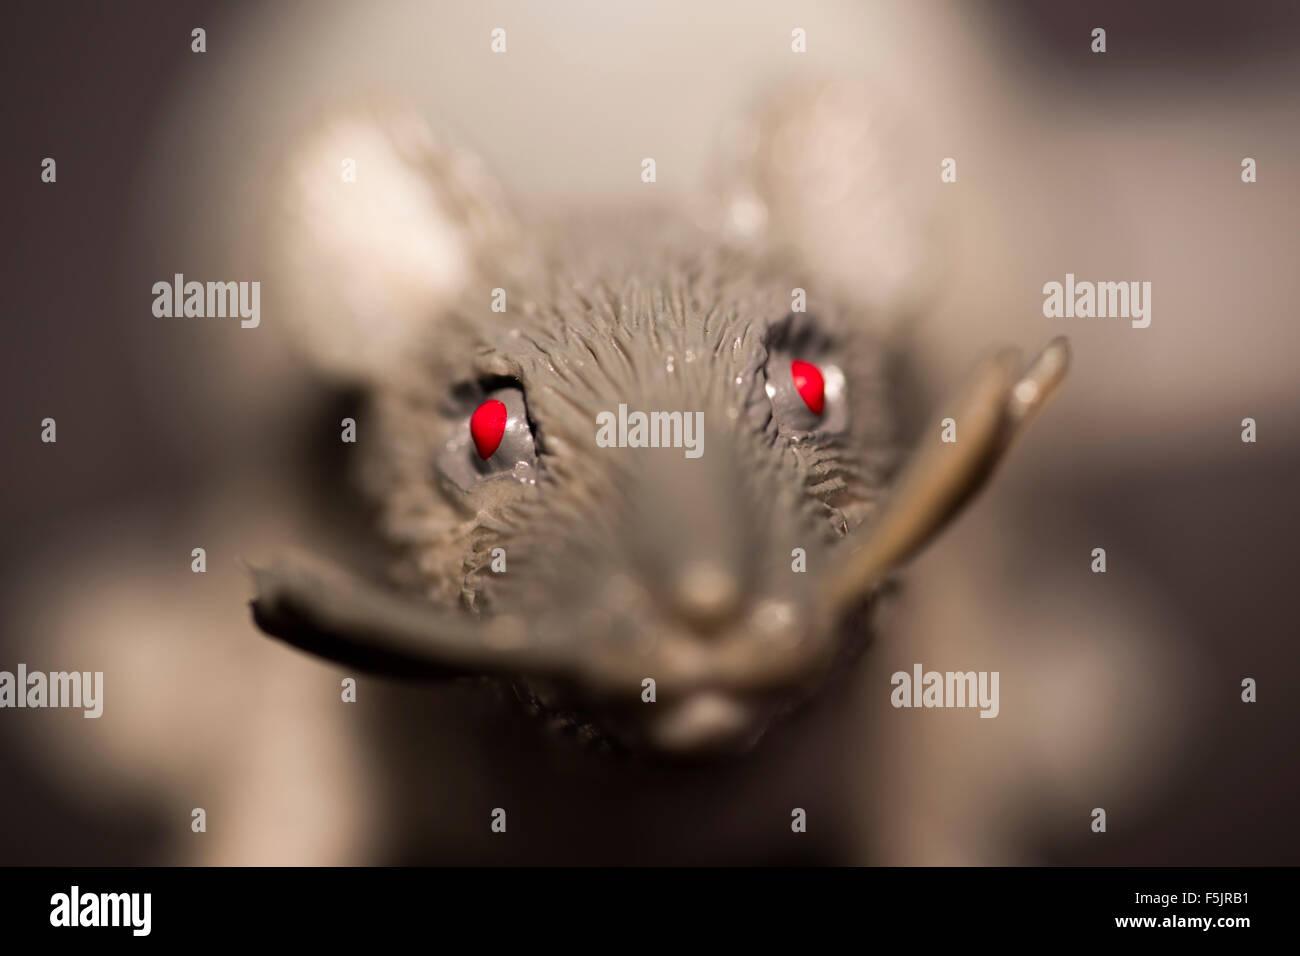 Gruselige Nagetier Mit Glühenden Roten Augen In Die Kamera Schaut